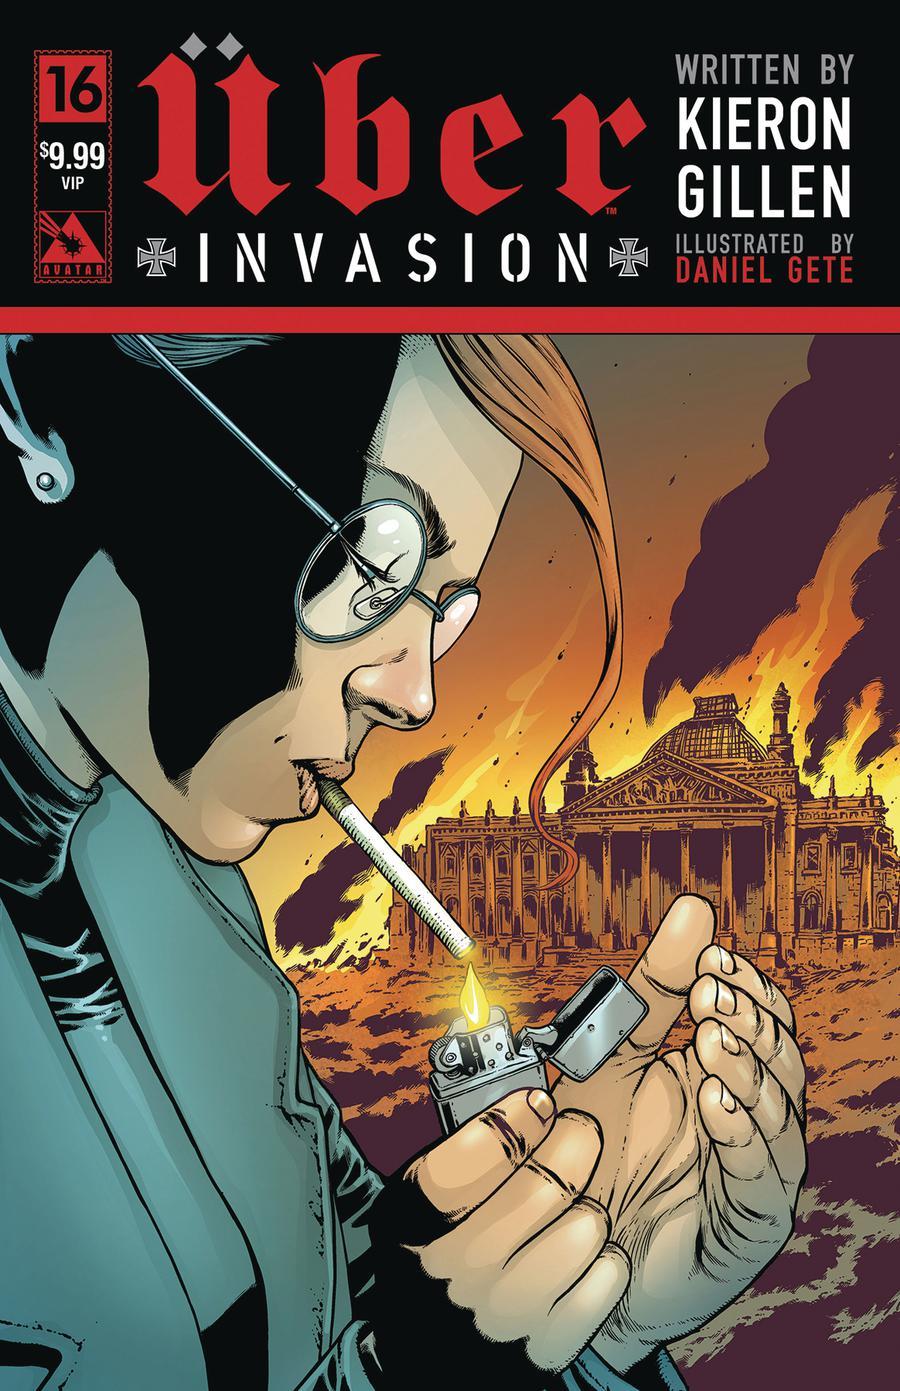 Uber Invasion #16 Cover F VIP Premium Cover